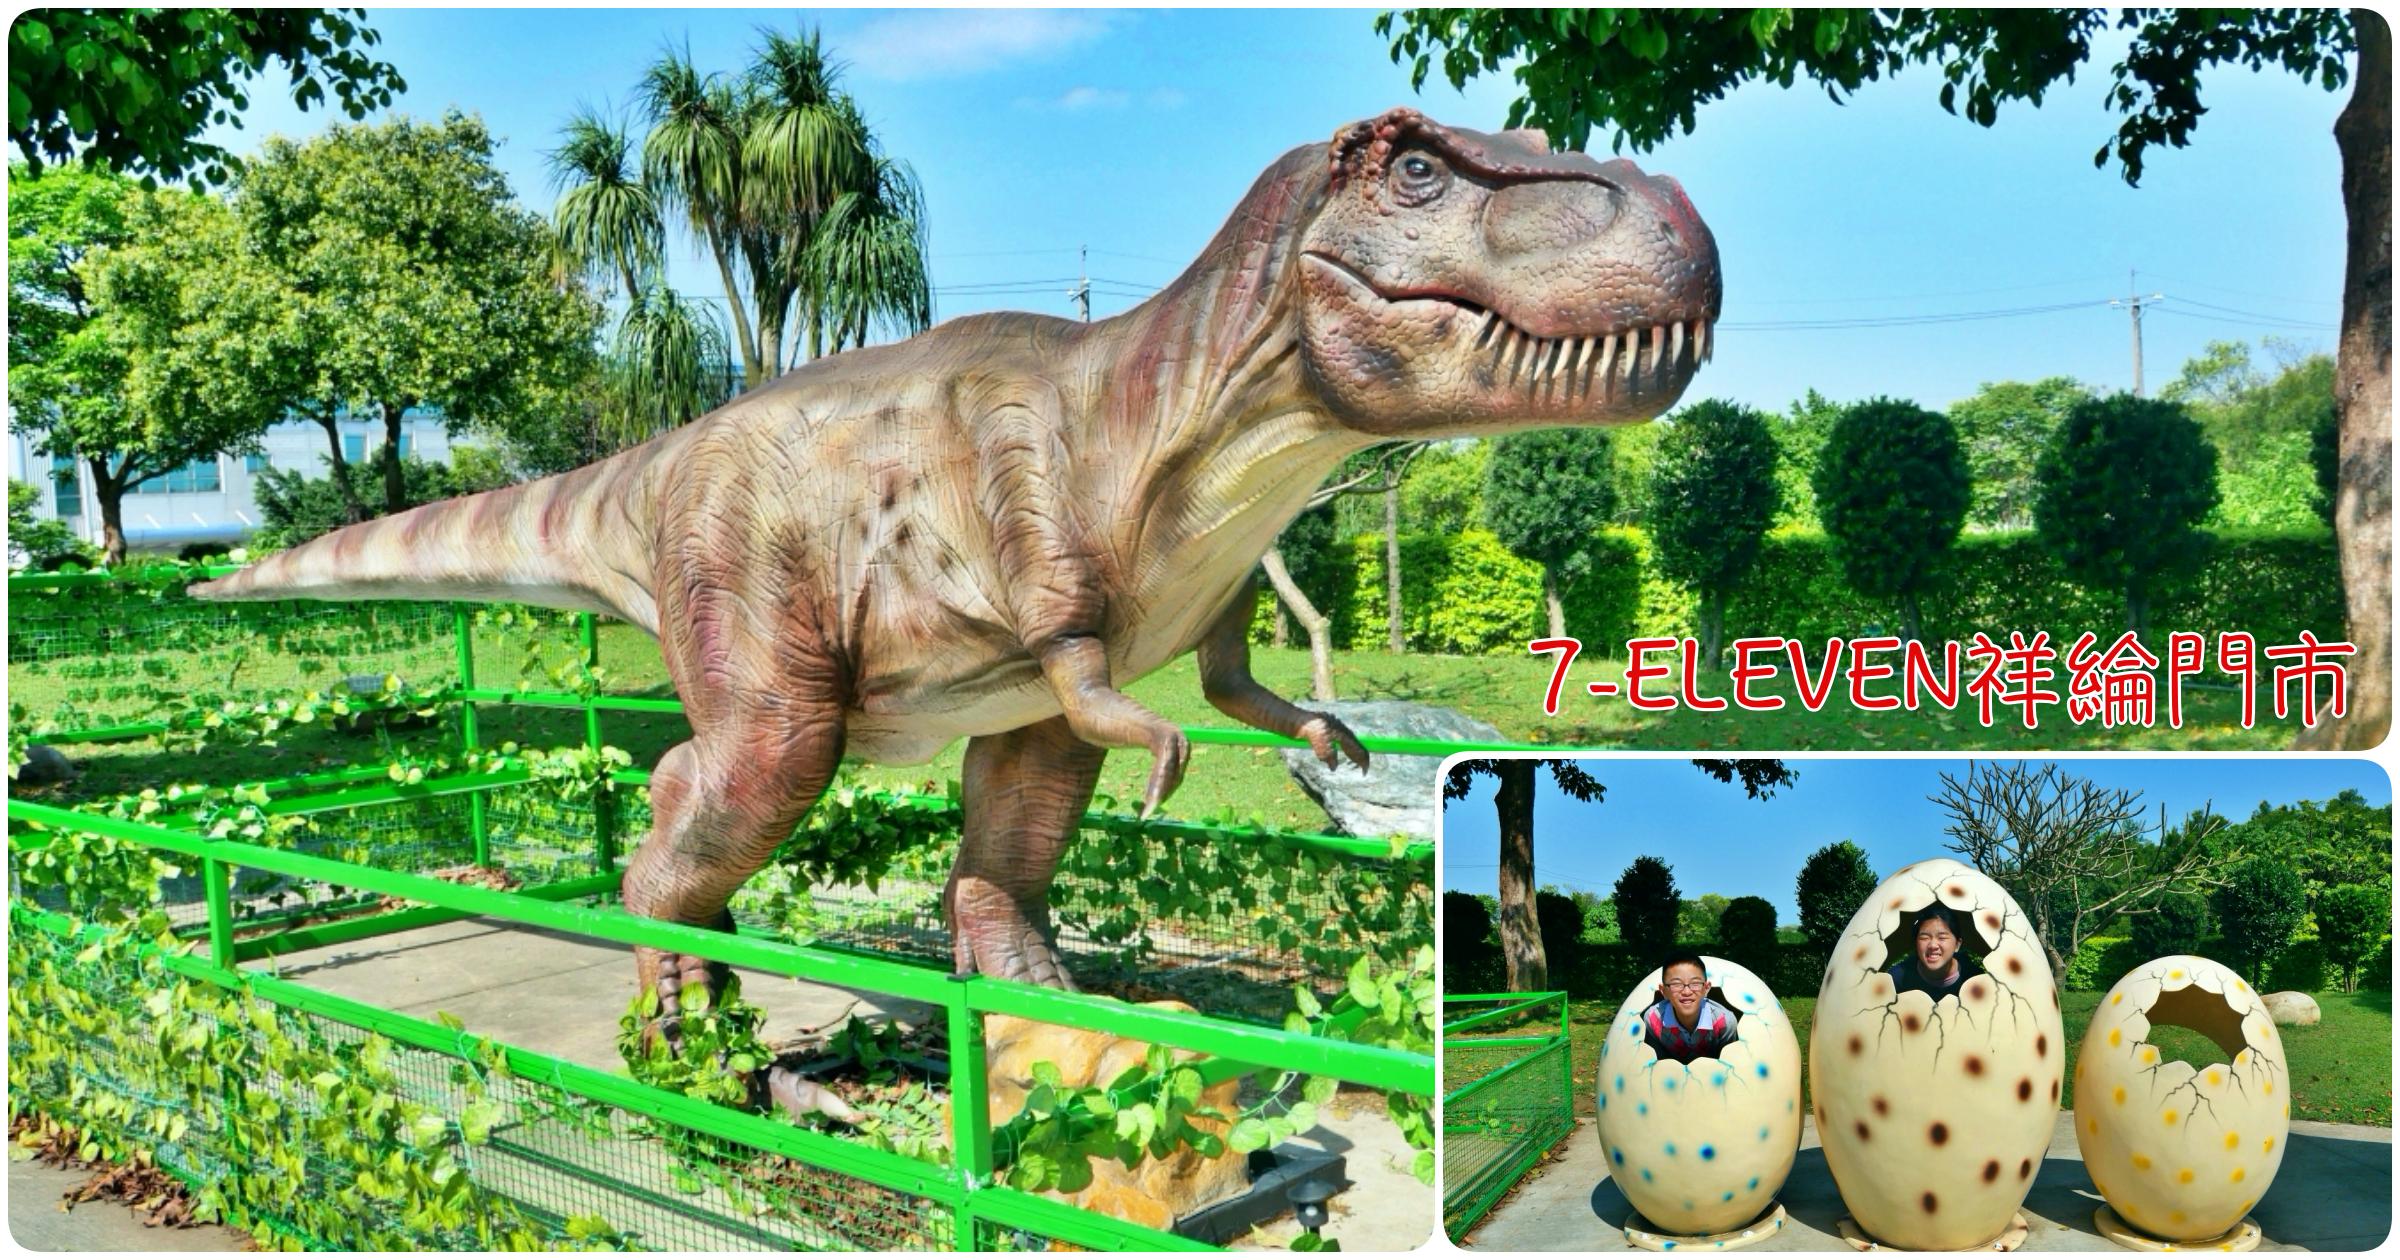 閱讀文章:[大園旅遊]7-ELEVEN祥綸門市|桃園高鐵站附近特色門市~恐龍迷照過來.超大恐龍出沒